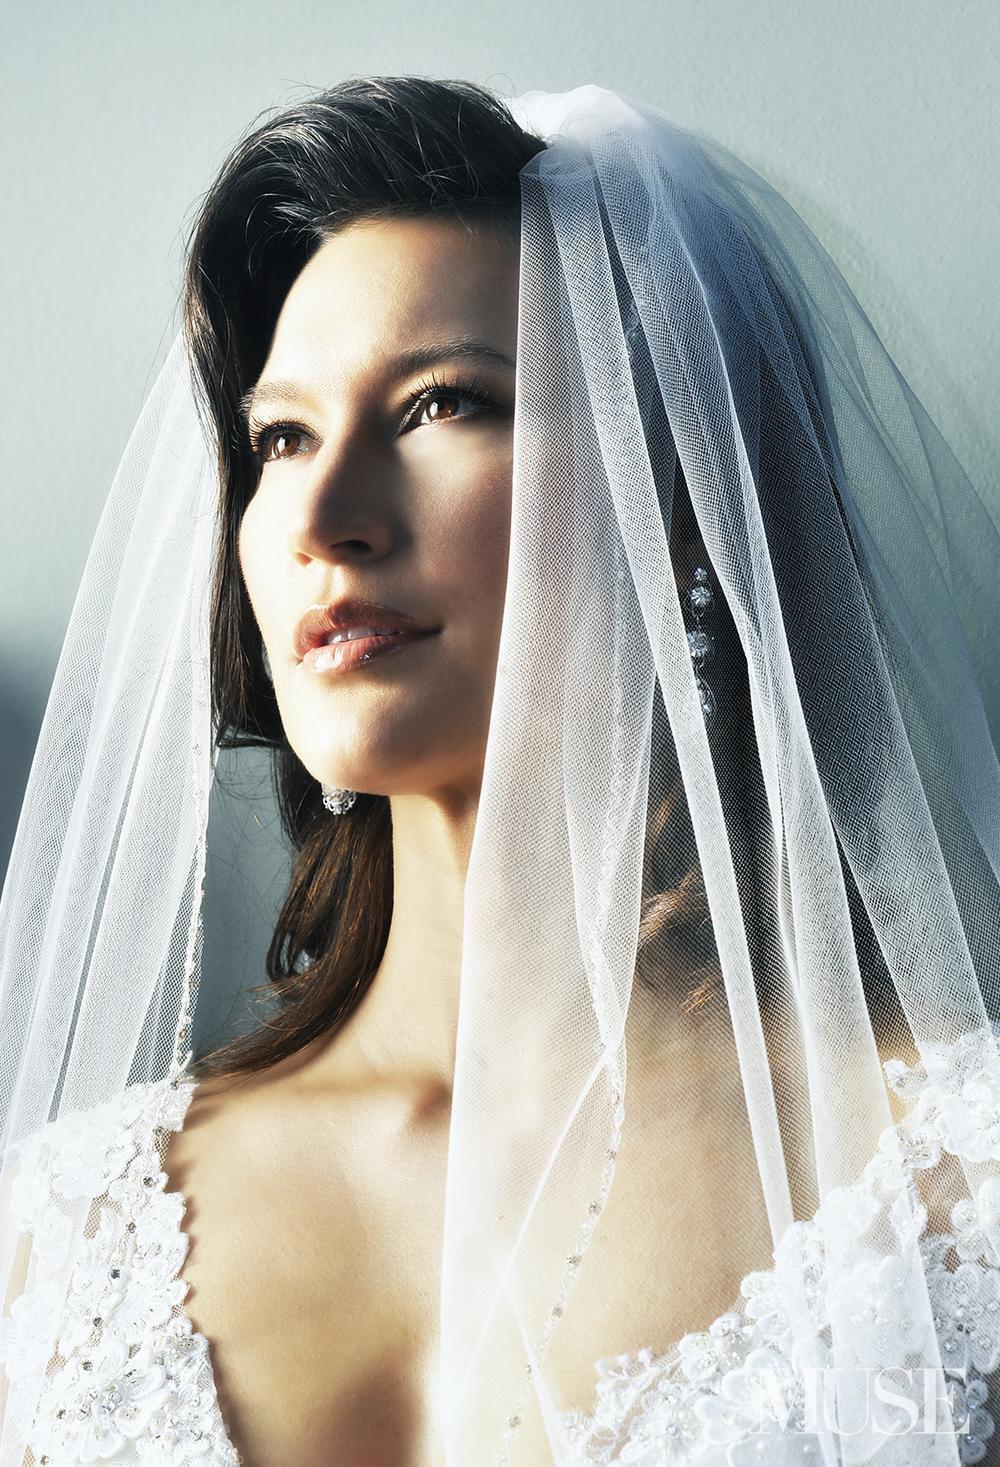 MUSE Bride - Bridal Portrait